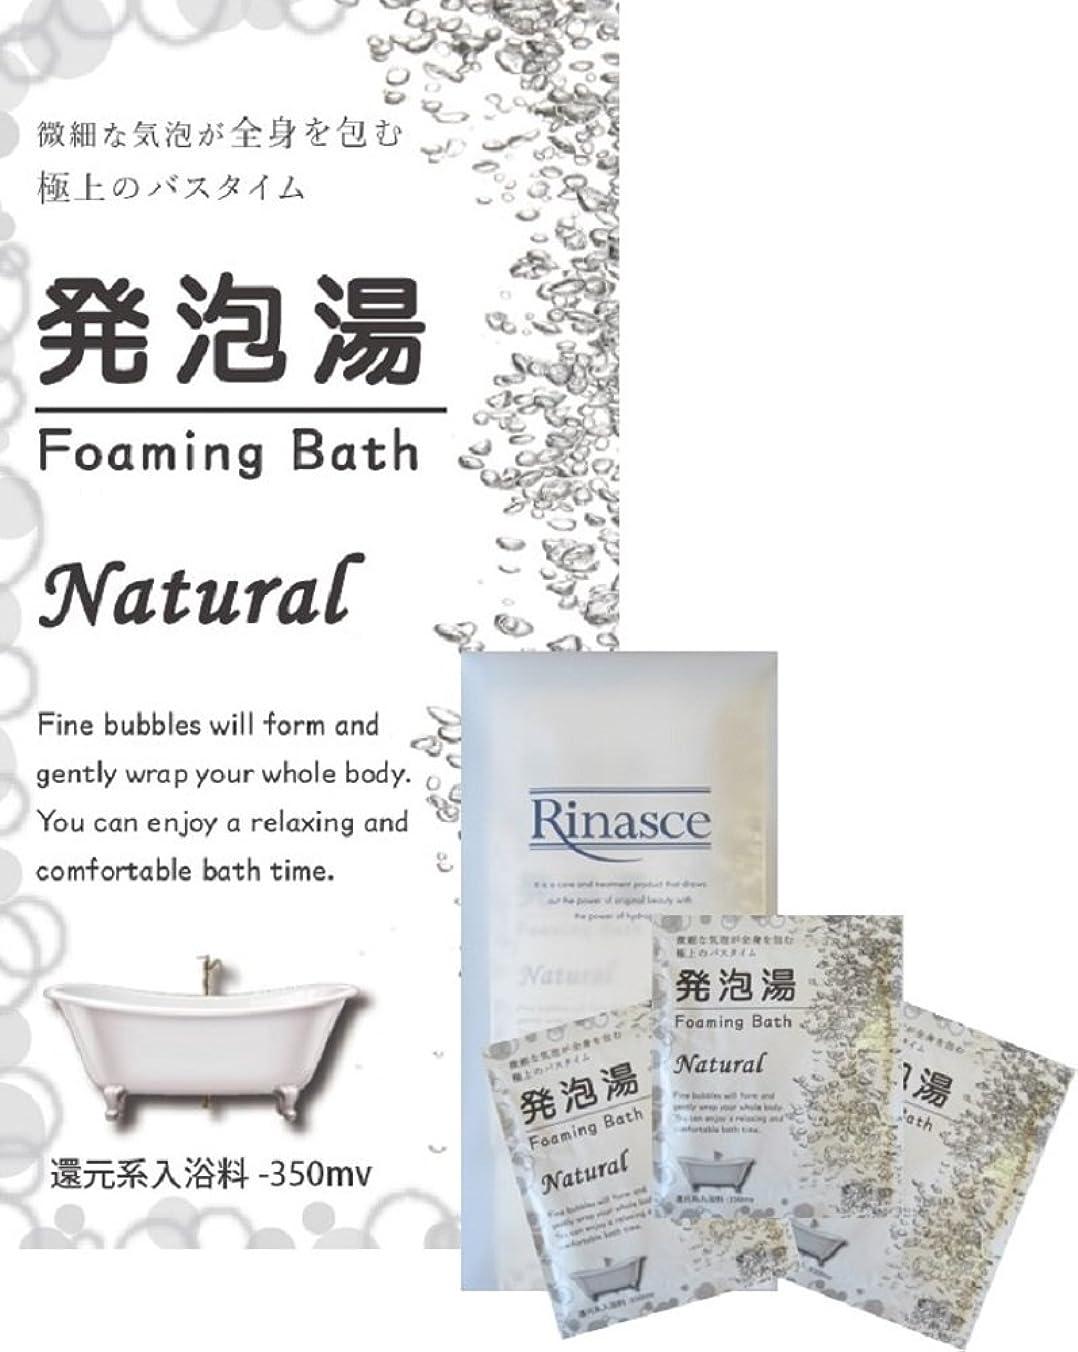 真剣にゴールド劣る【ゆうメール対象】発泡湯(はっぽうとう) Foaming Bath Natural ナチュラル 40g 3包セット/微細な気泡が全身を包む極上のバスタイム